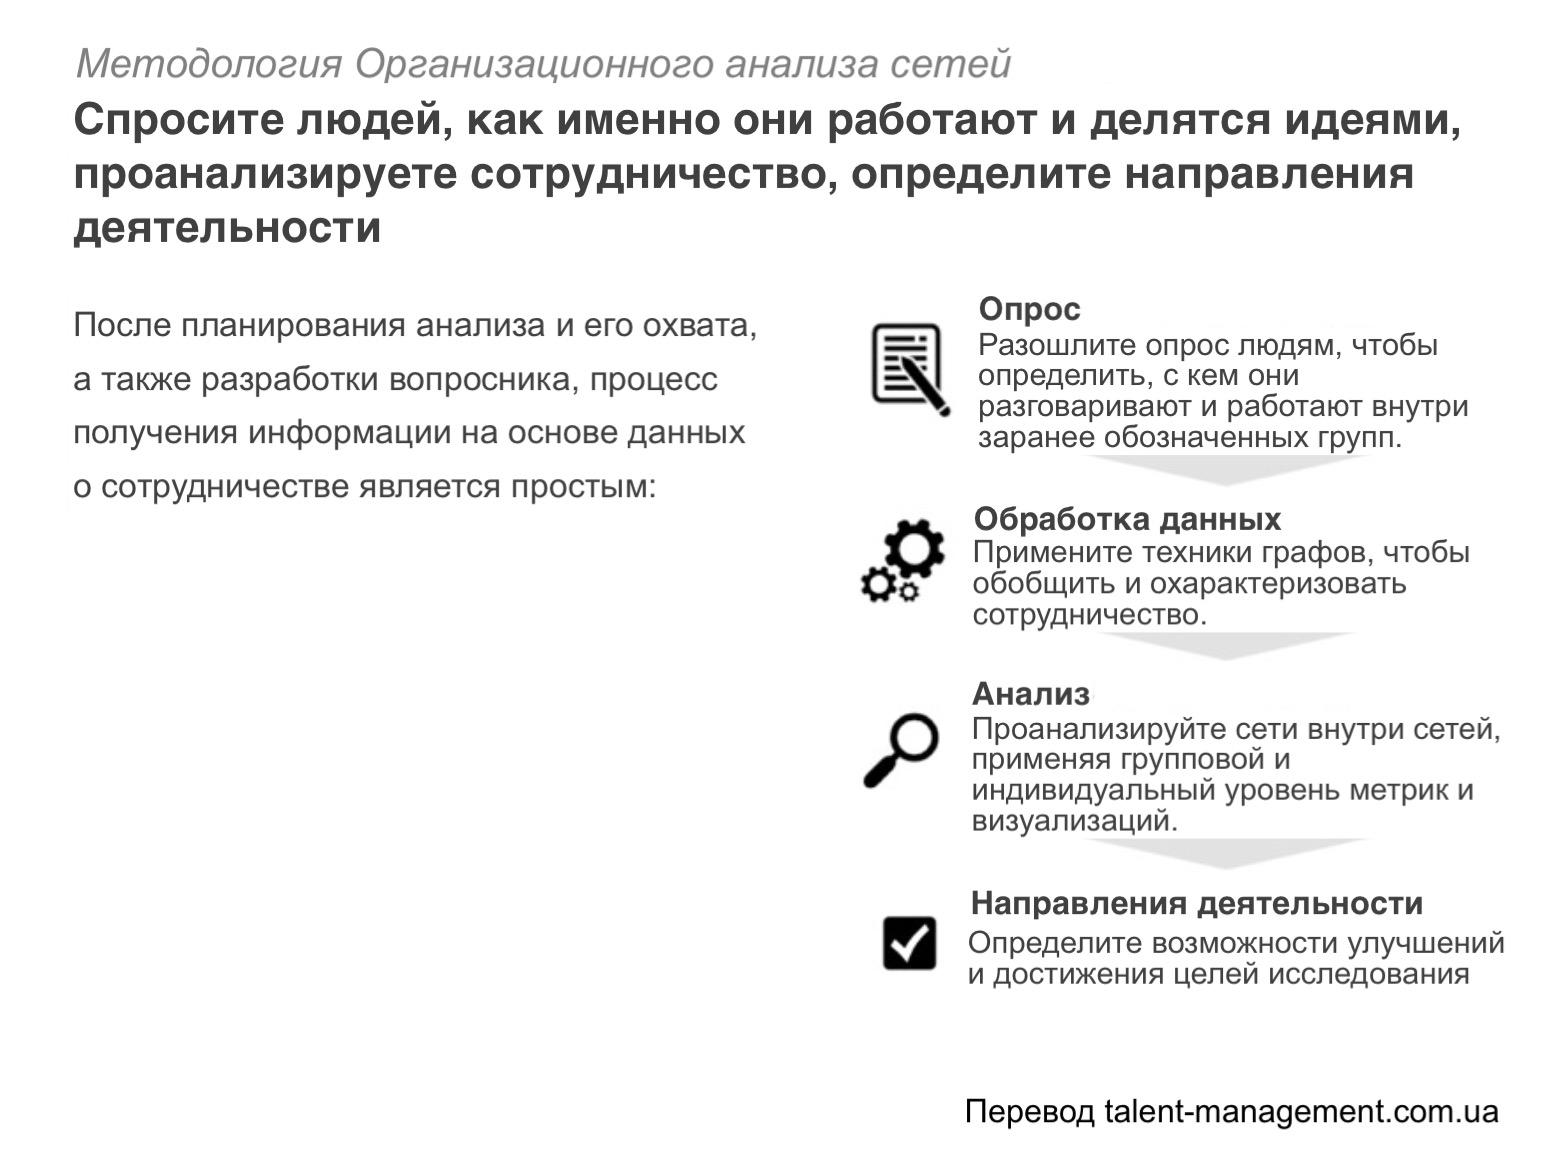 Организационный анализ сетей